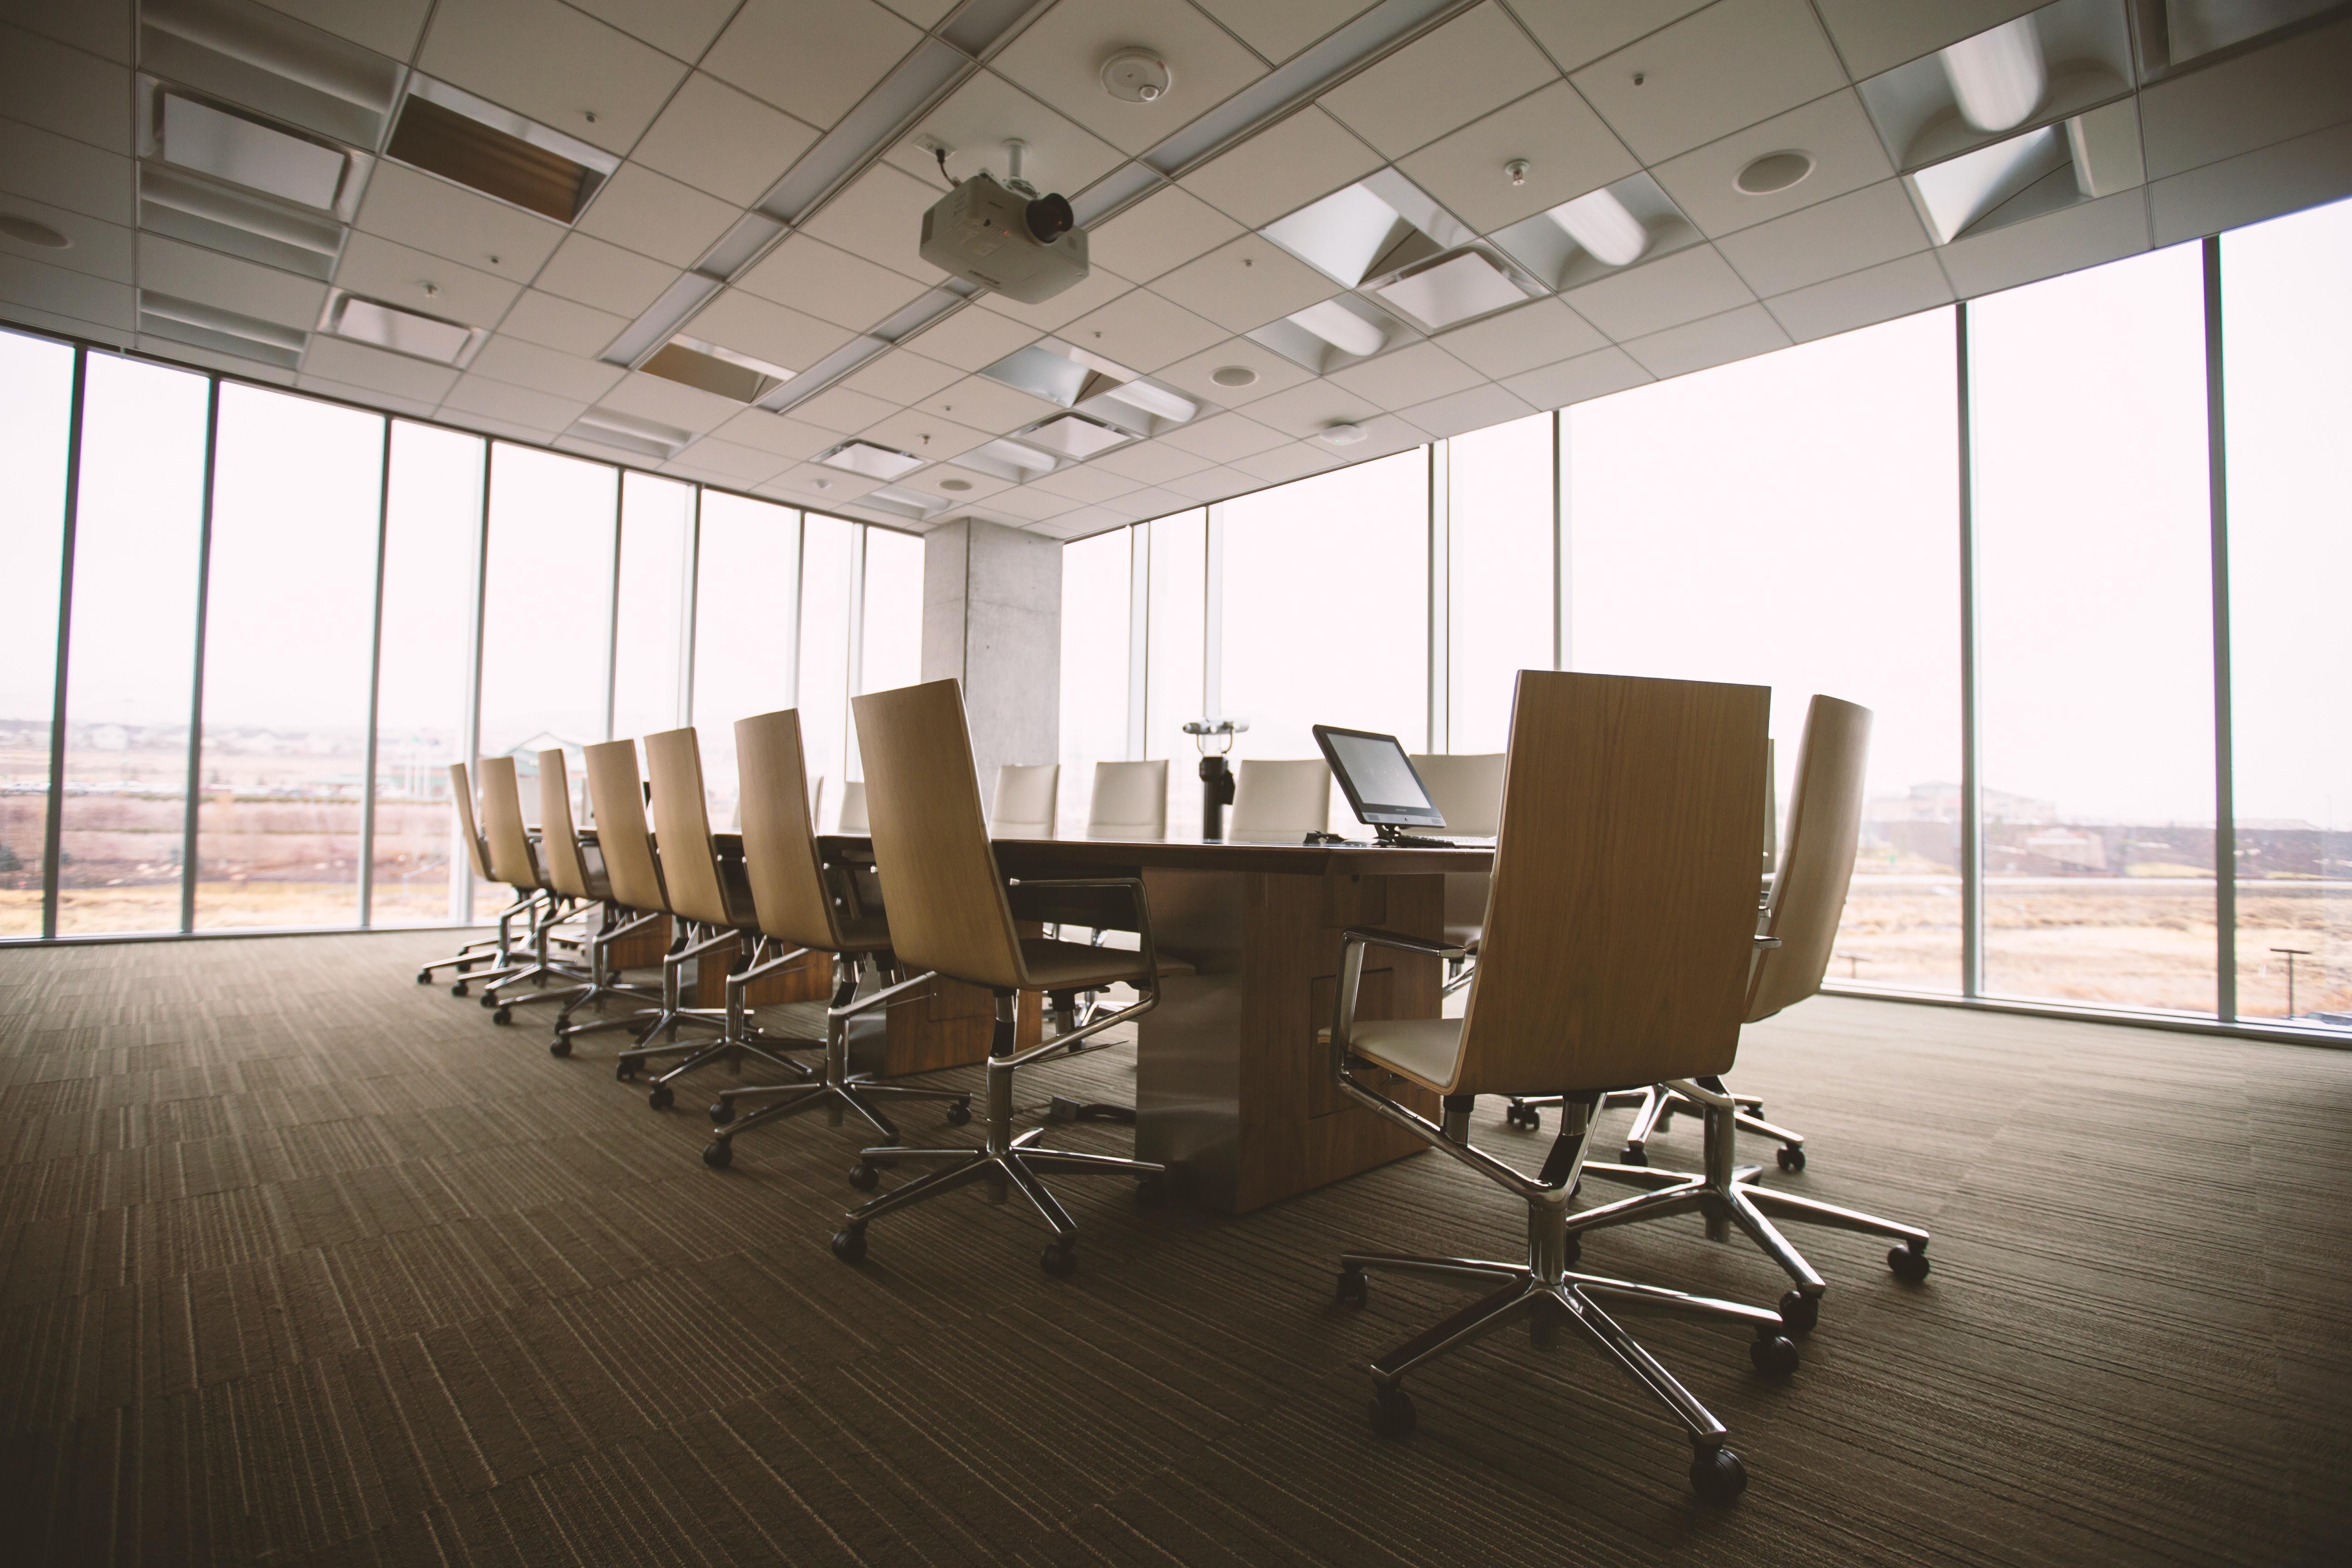 Nhu cầu thuê văn phòng tại TP HCM đứng đầu Đông Nam Á